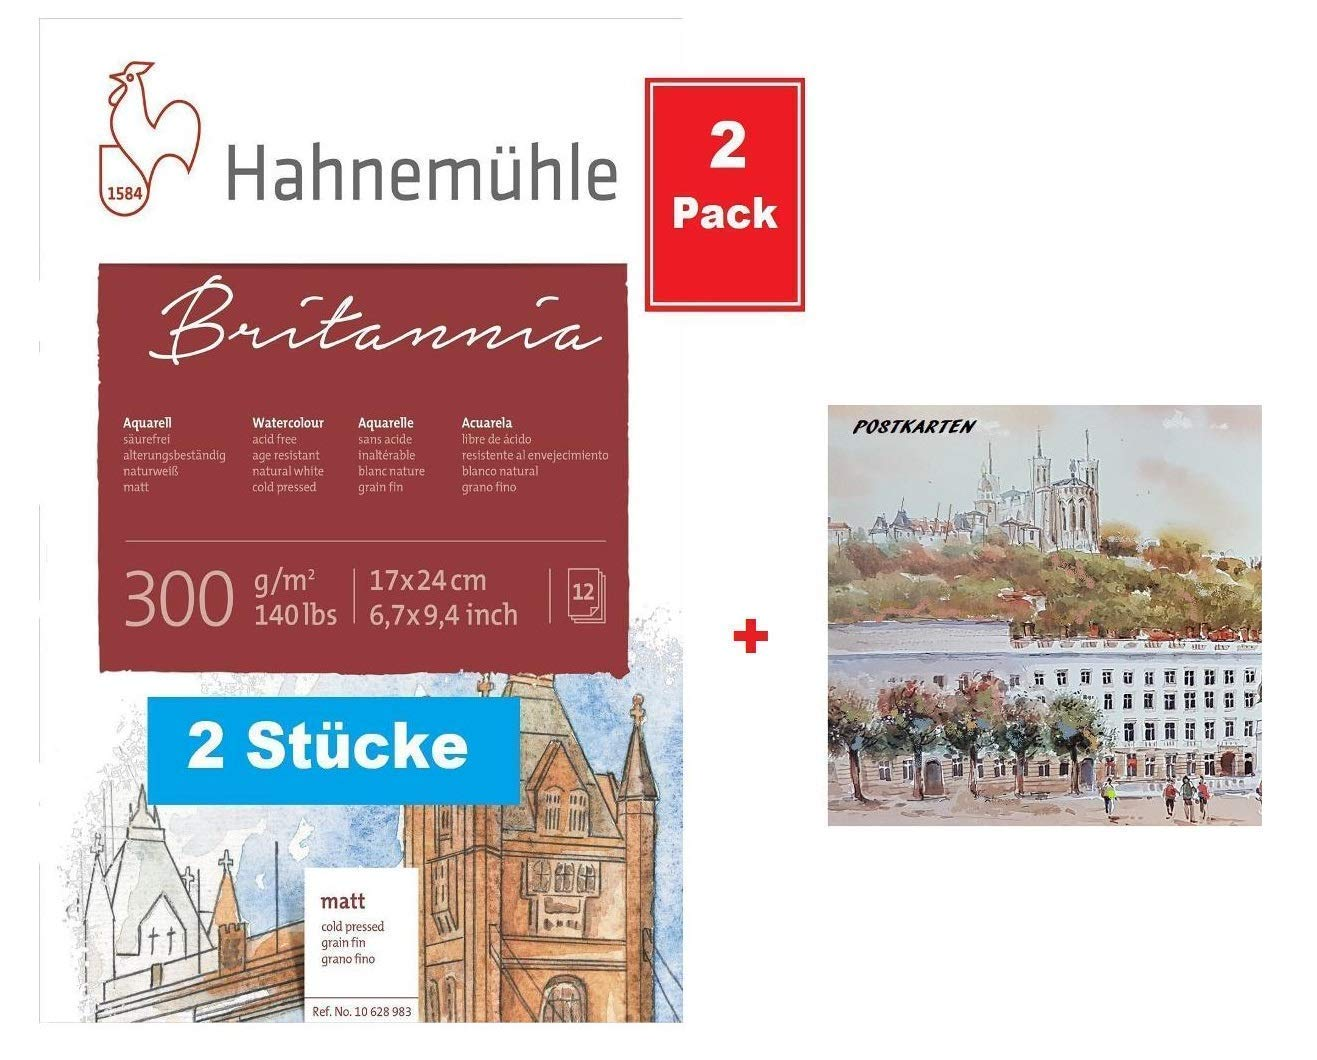 2 Pack de ahorro Hahnemühle 10628983 Acuarela, Calligra phie de, certificados de postal y bloques Bloc para acuarelas 300 g 12 hojas (170 x 240 mm): Amazon.es: Oficina y papelería